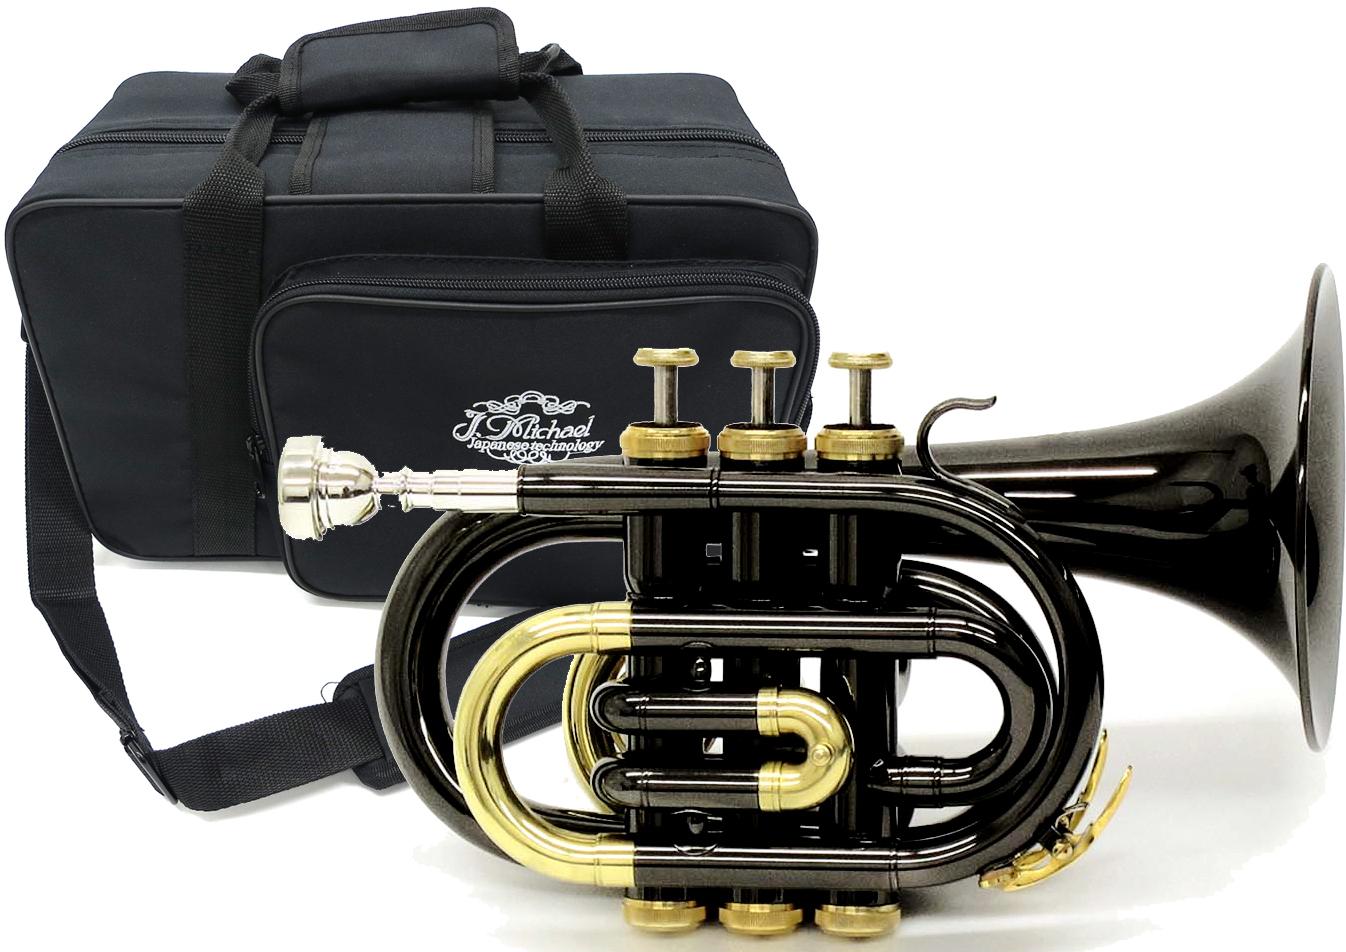 J Michael ( Jマイケル ) TR-400PCL BK ポケットトランペット ブラック 新品 アウトレット B♭ ミニ トランペット 管体 カラー 黒色 管楽器 初心者 TR400PCL BLK 送料無料